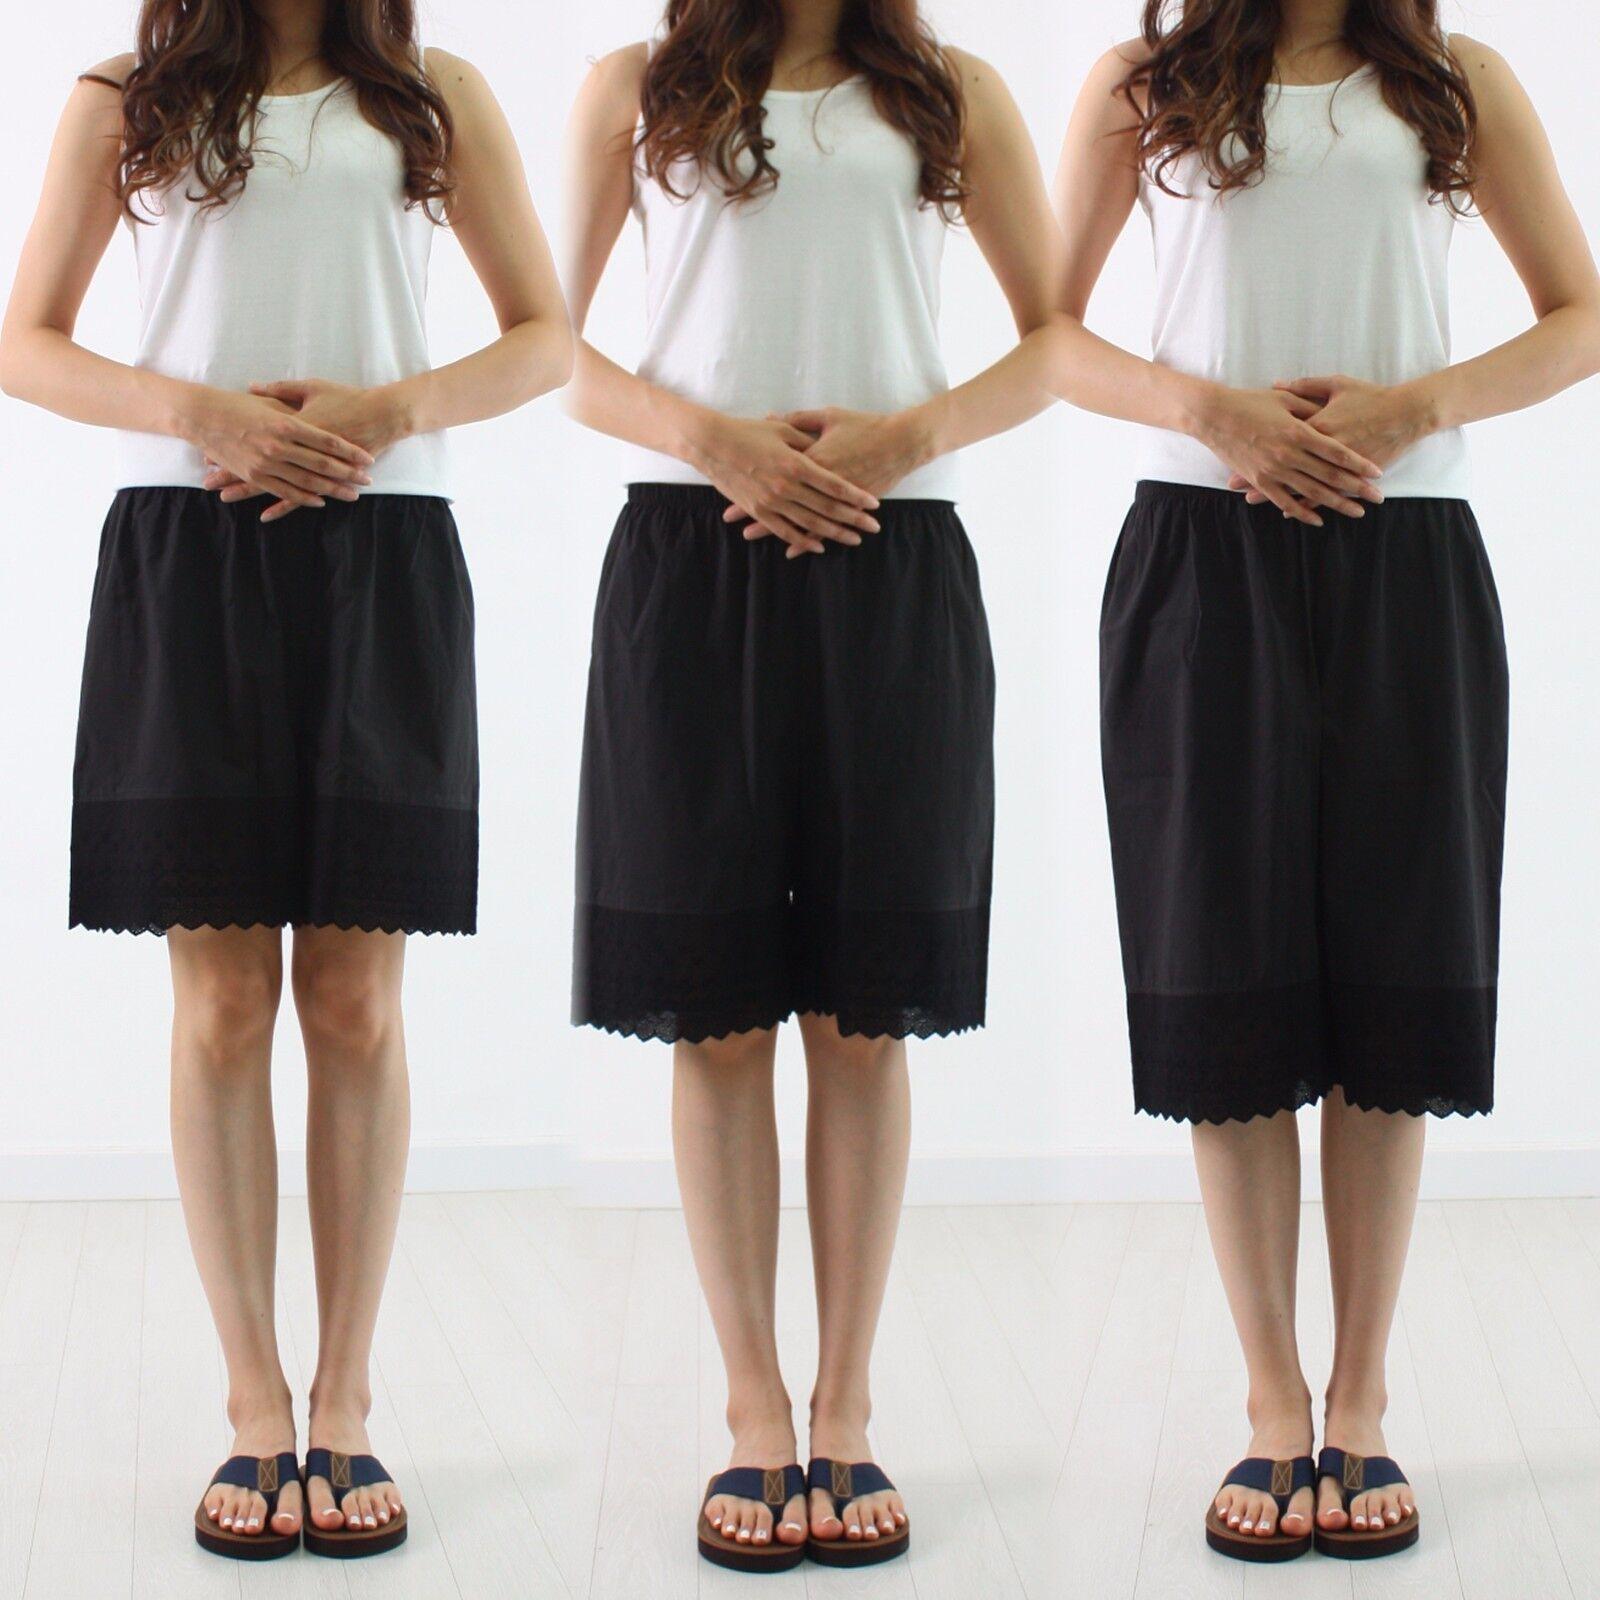 Womens-Cotton-Black-Lace-vintage-Pettipants-Under-Pants-Unde